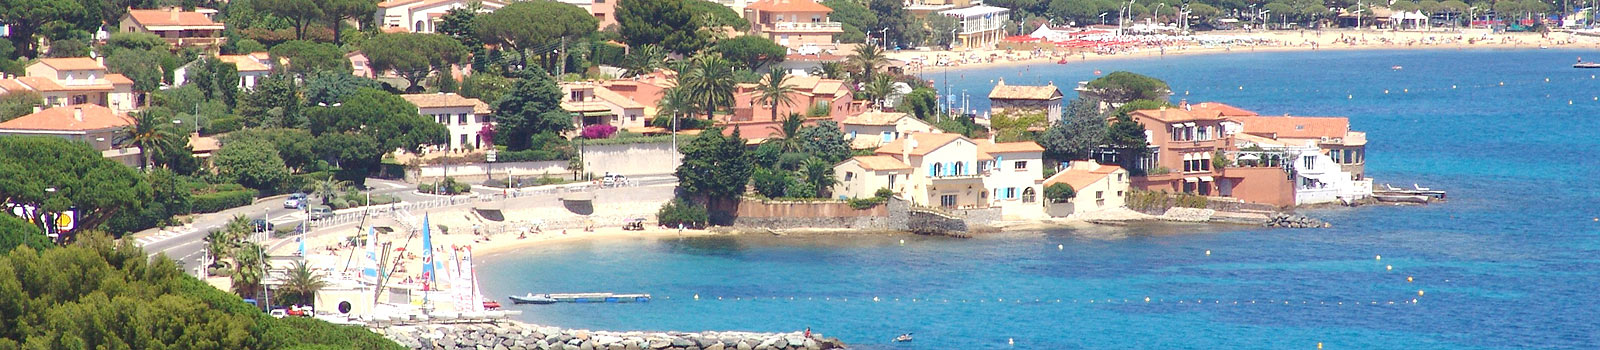 SITE DE SAINTE-MAXIME – Association de défense et de protection du littoral et du site de Sainte-Maxime